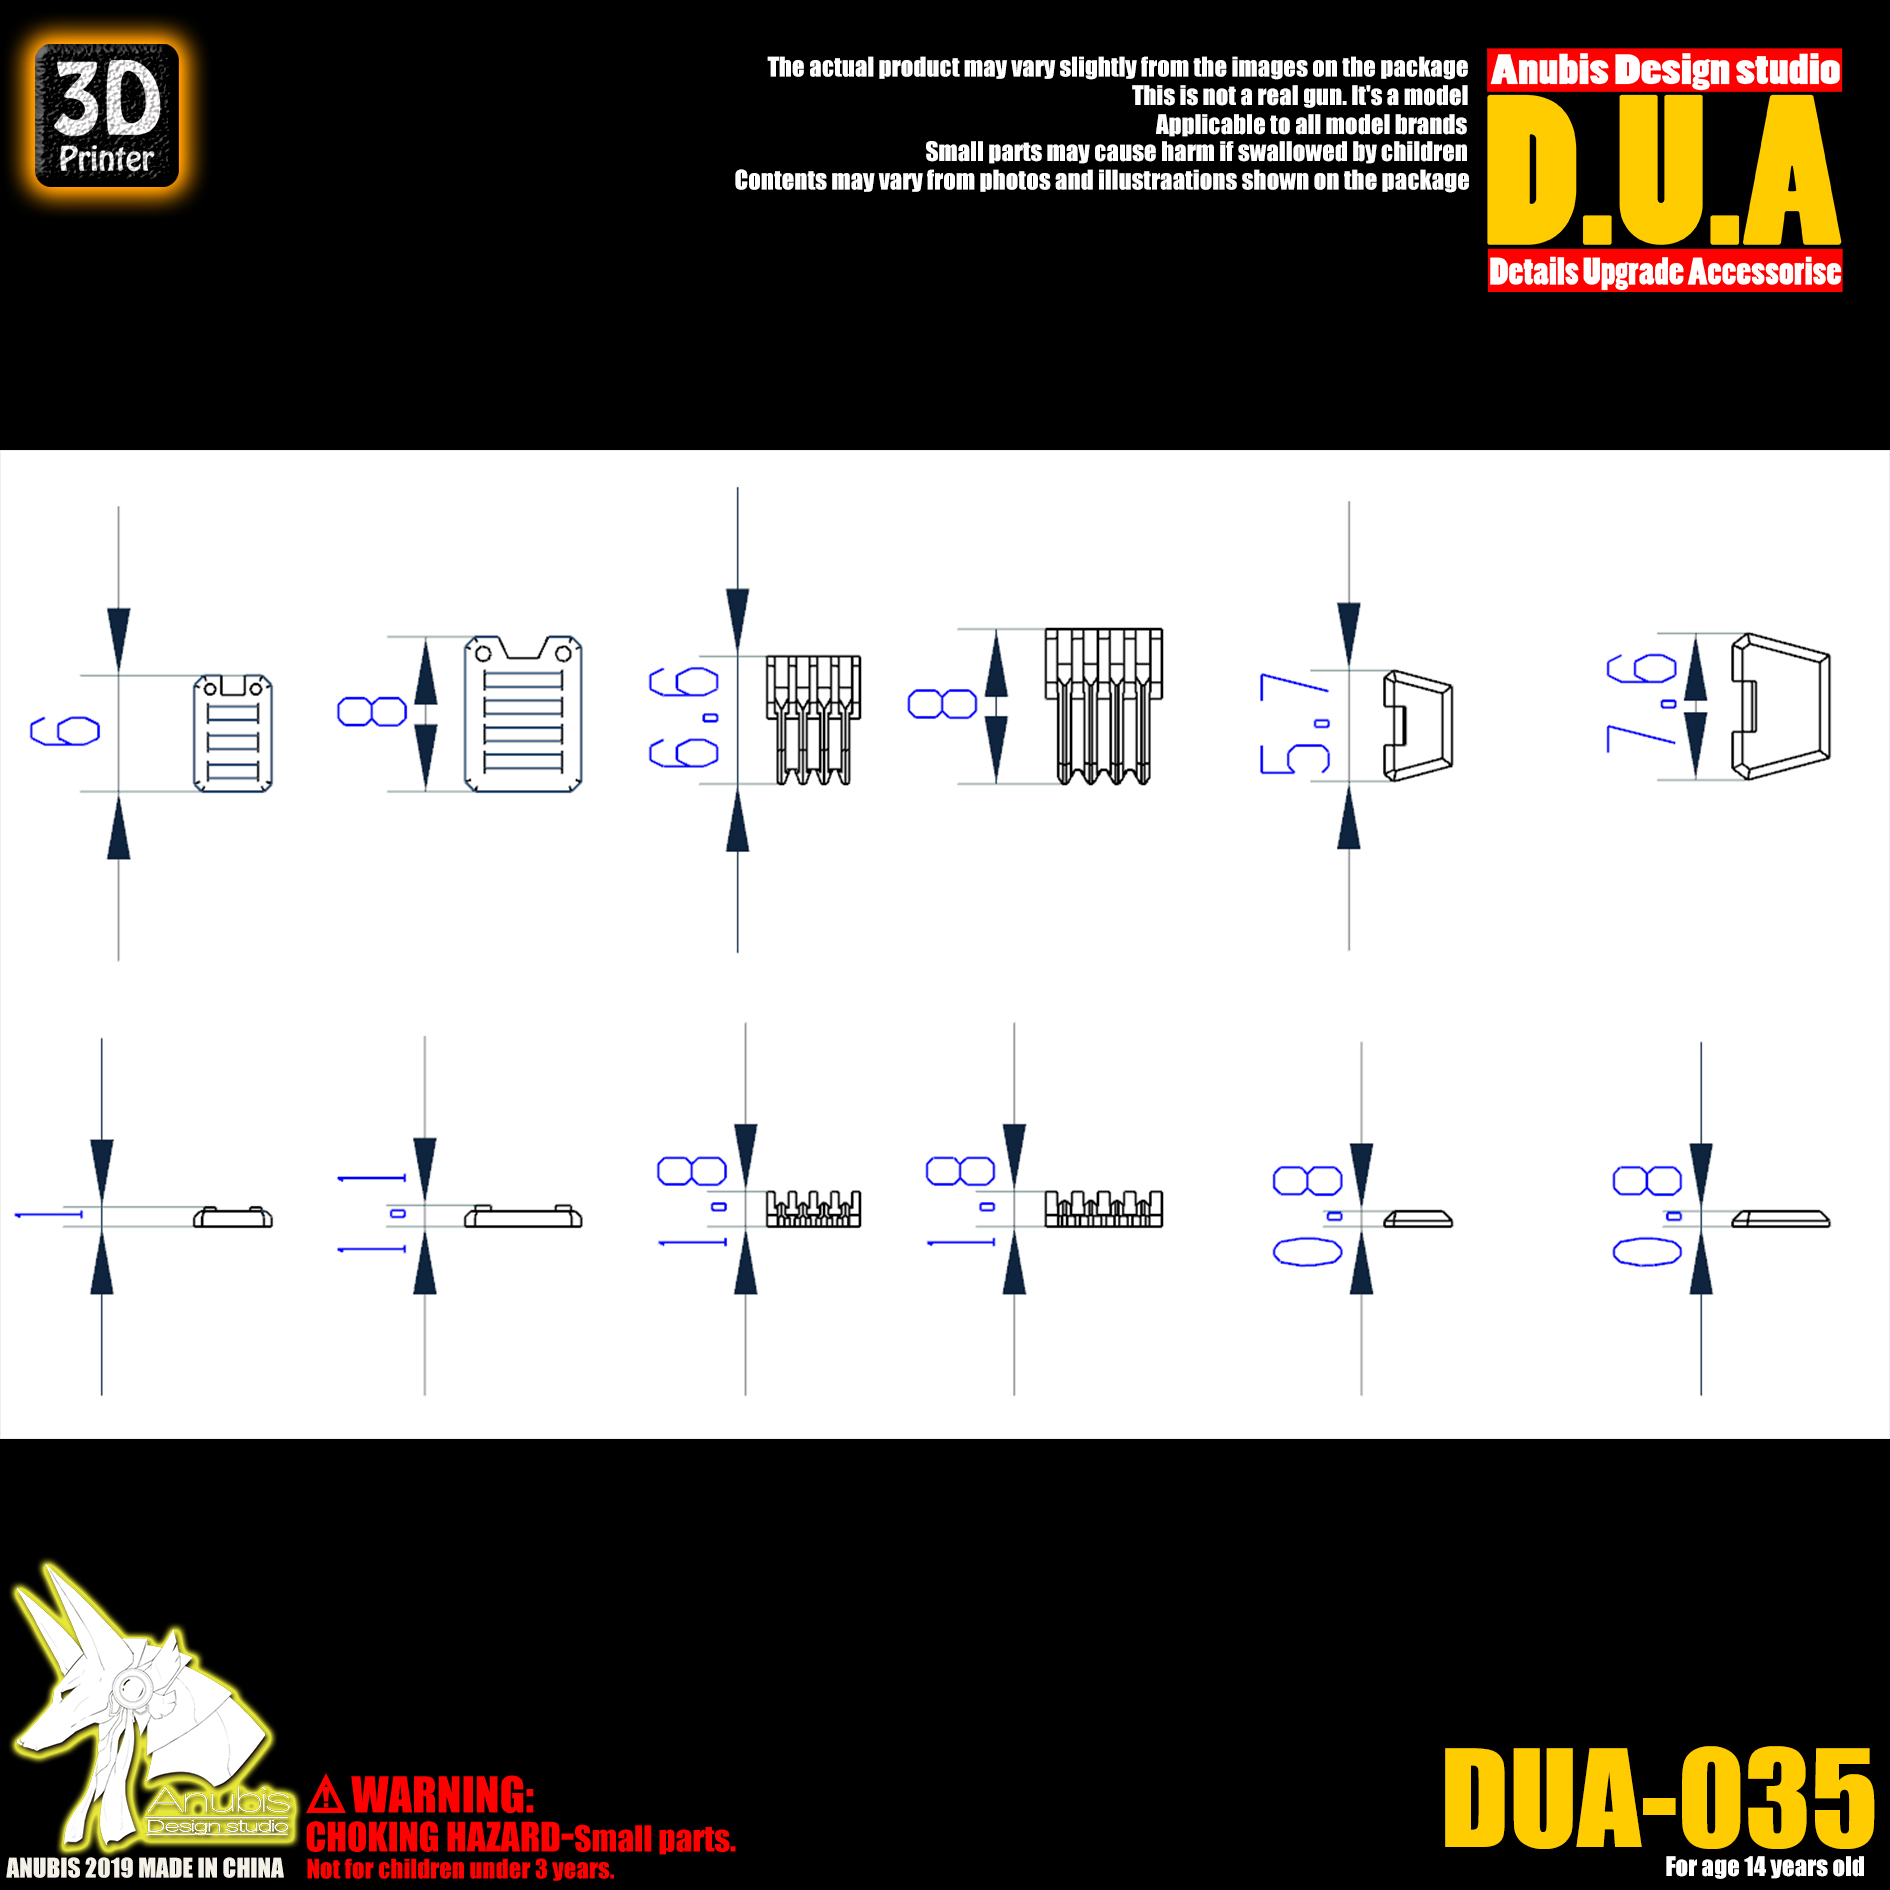 G413_DUA035_003.jpg